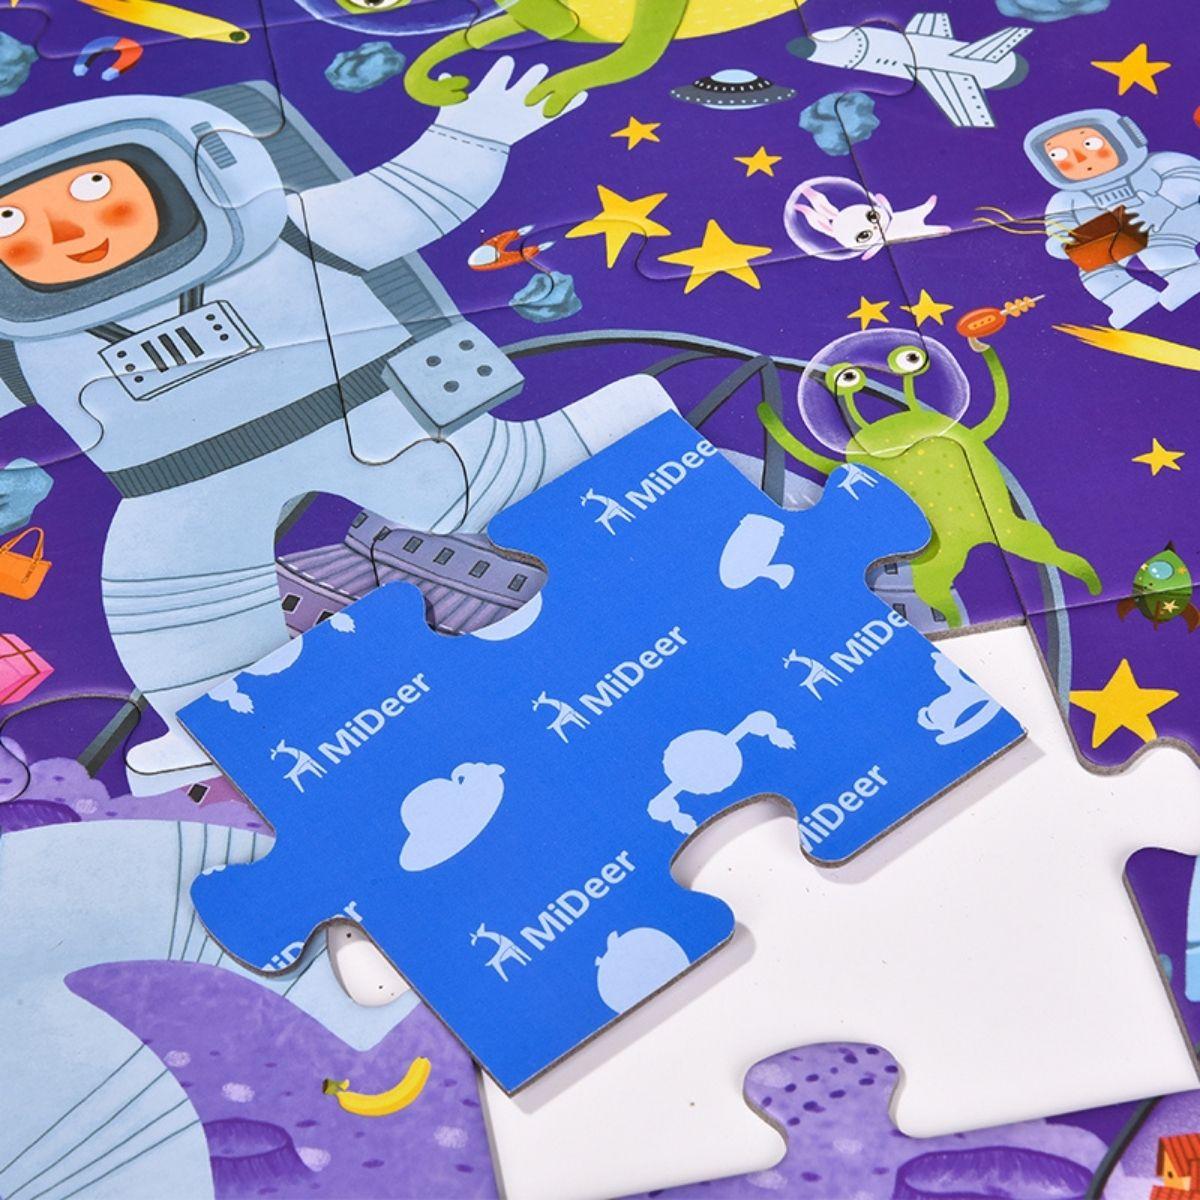 Brinquedo Educativo Quebra Cabeça - Detetive no Espaço